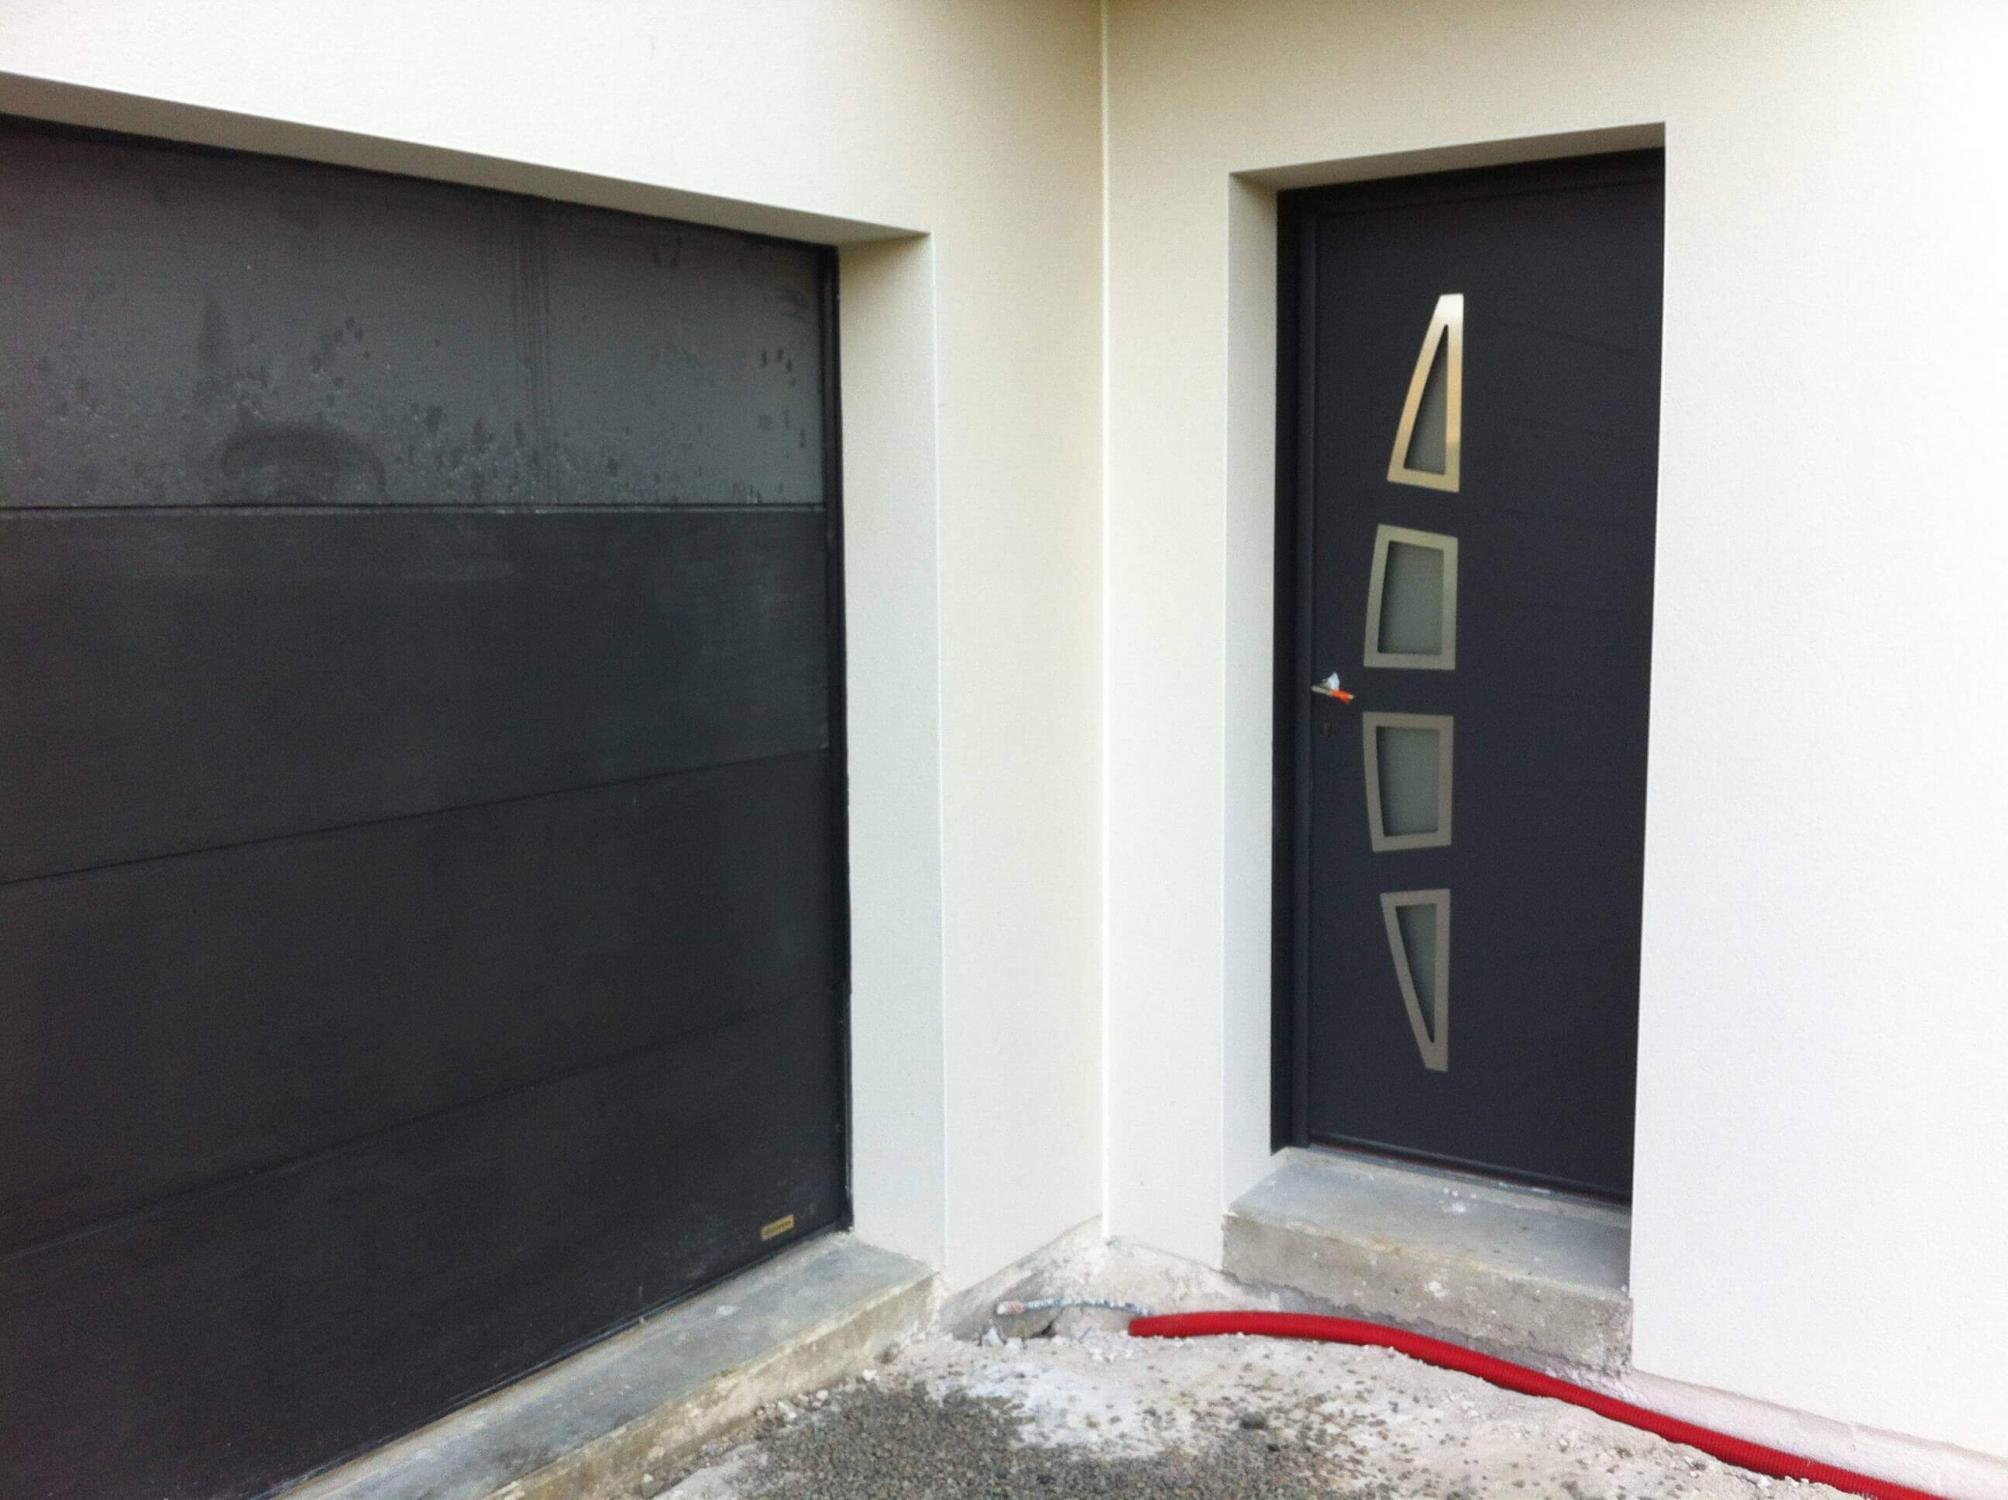 Porte Dentrée Moderne Assortie à La Porte De Garage - Porte de garage sectionnelle avec porte entrée pvc ou alu